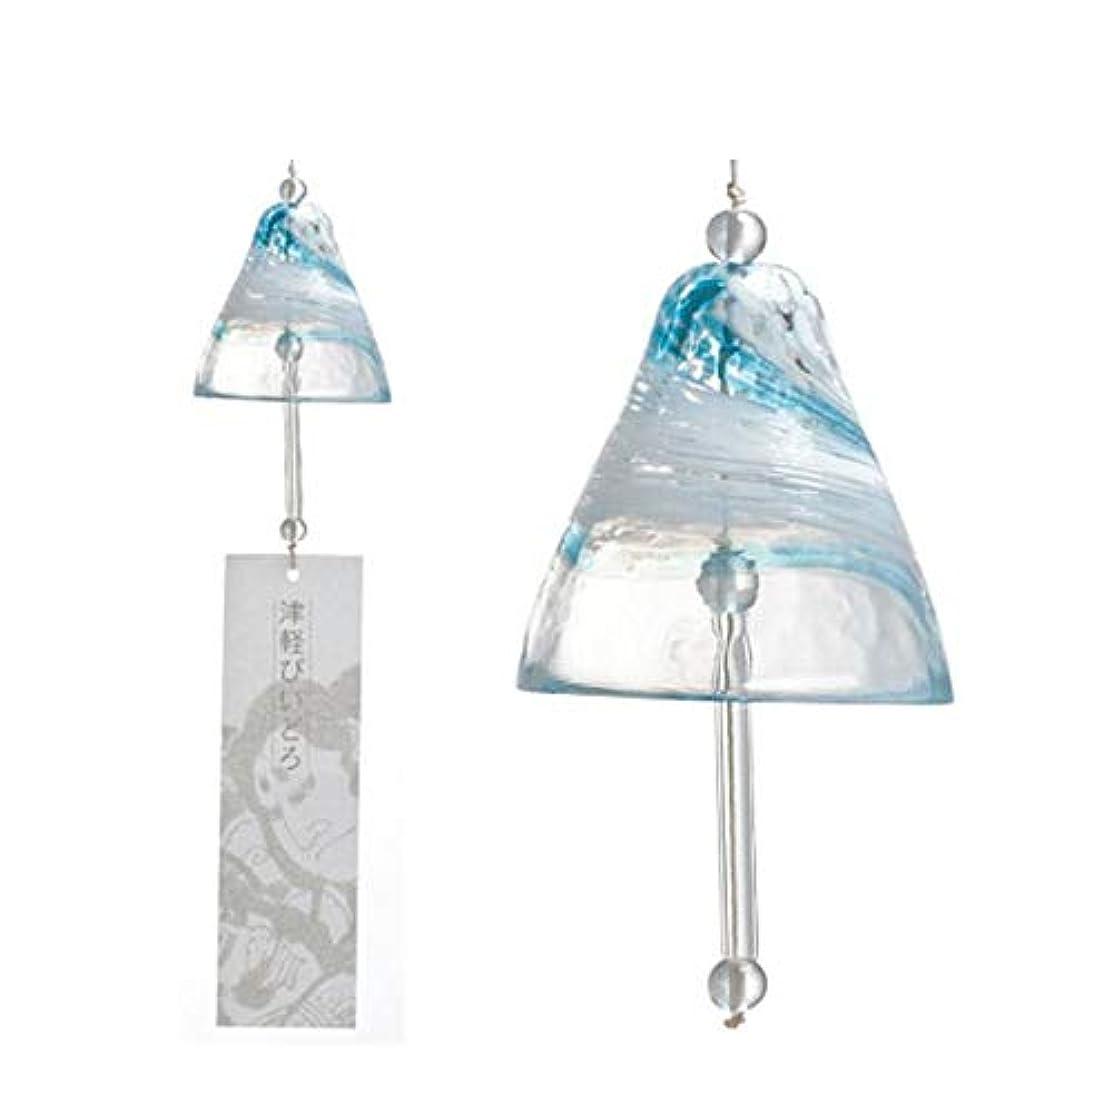 毎月製造読みやすさJingfengtongxun 風チャイム、クリスタルガラス風チャイム、ドア飾りペンダント、レッド、サイズ75x76mmハンギング,スタイリッシュなホリデーギフト (Color : Blue)